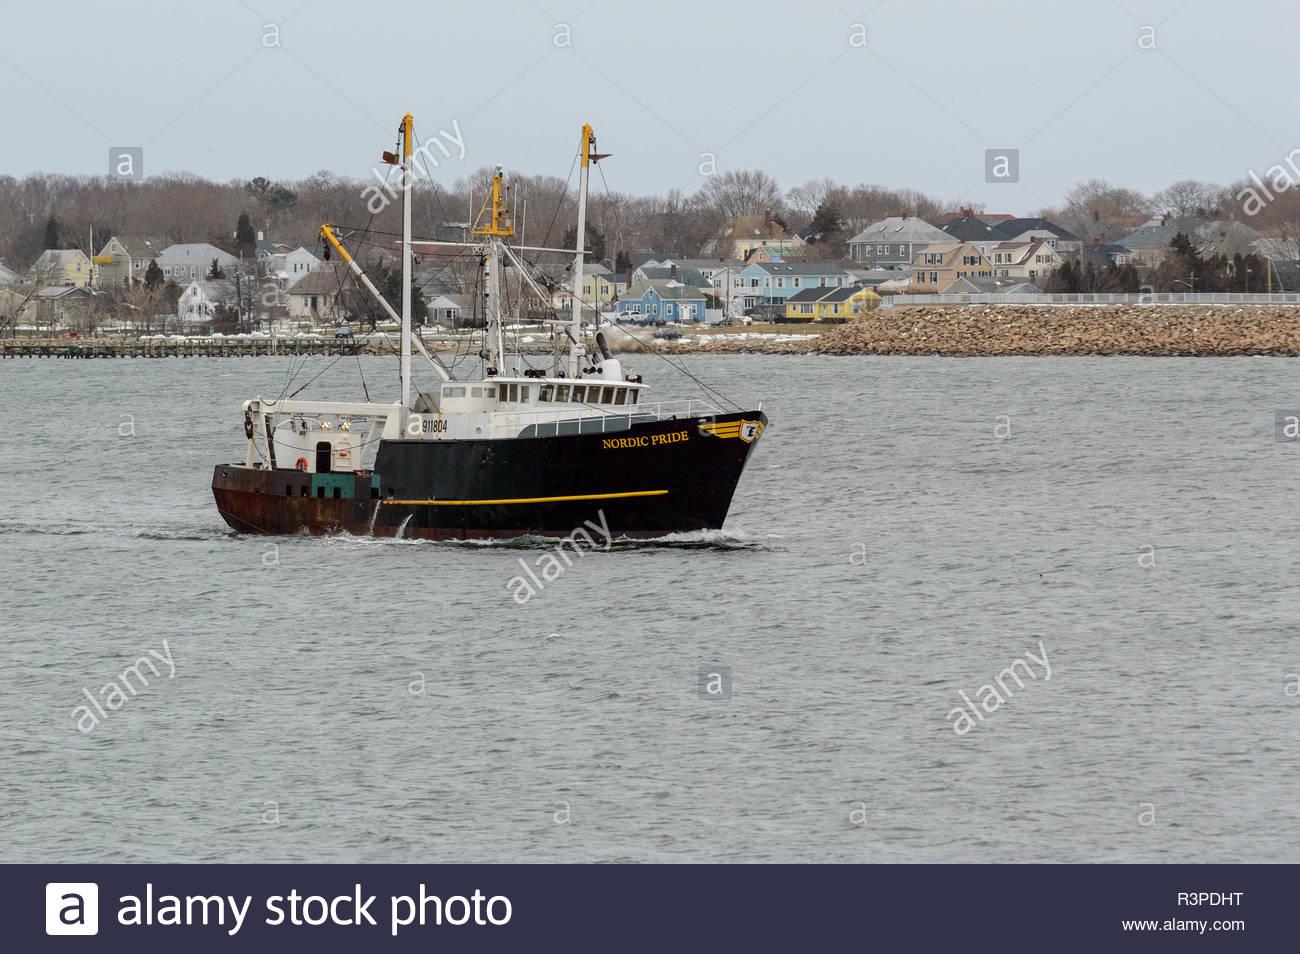 New Bedford, Massachusetts, STATI UNITI D'America - 21 Marzo 2018: peschereccio Nordic orgoglio tornando a New Bedford in anticipo di un imminente né'pasqua Immagini Stock